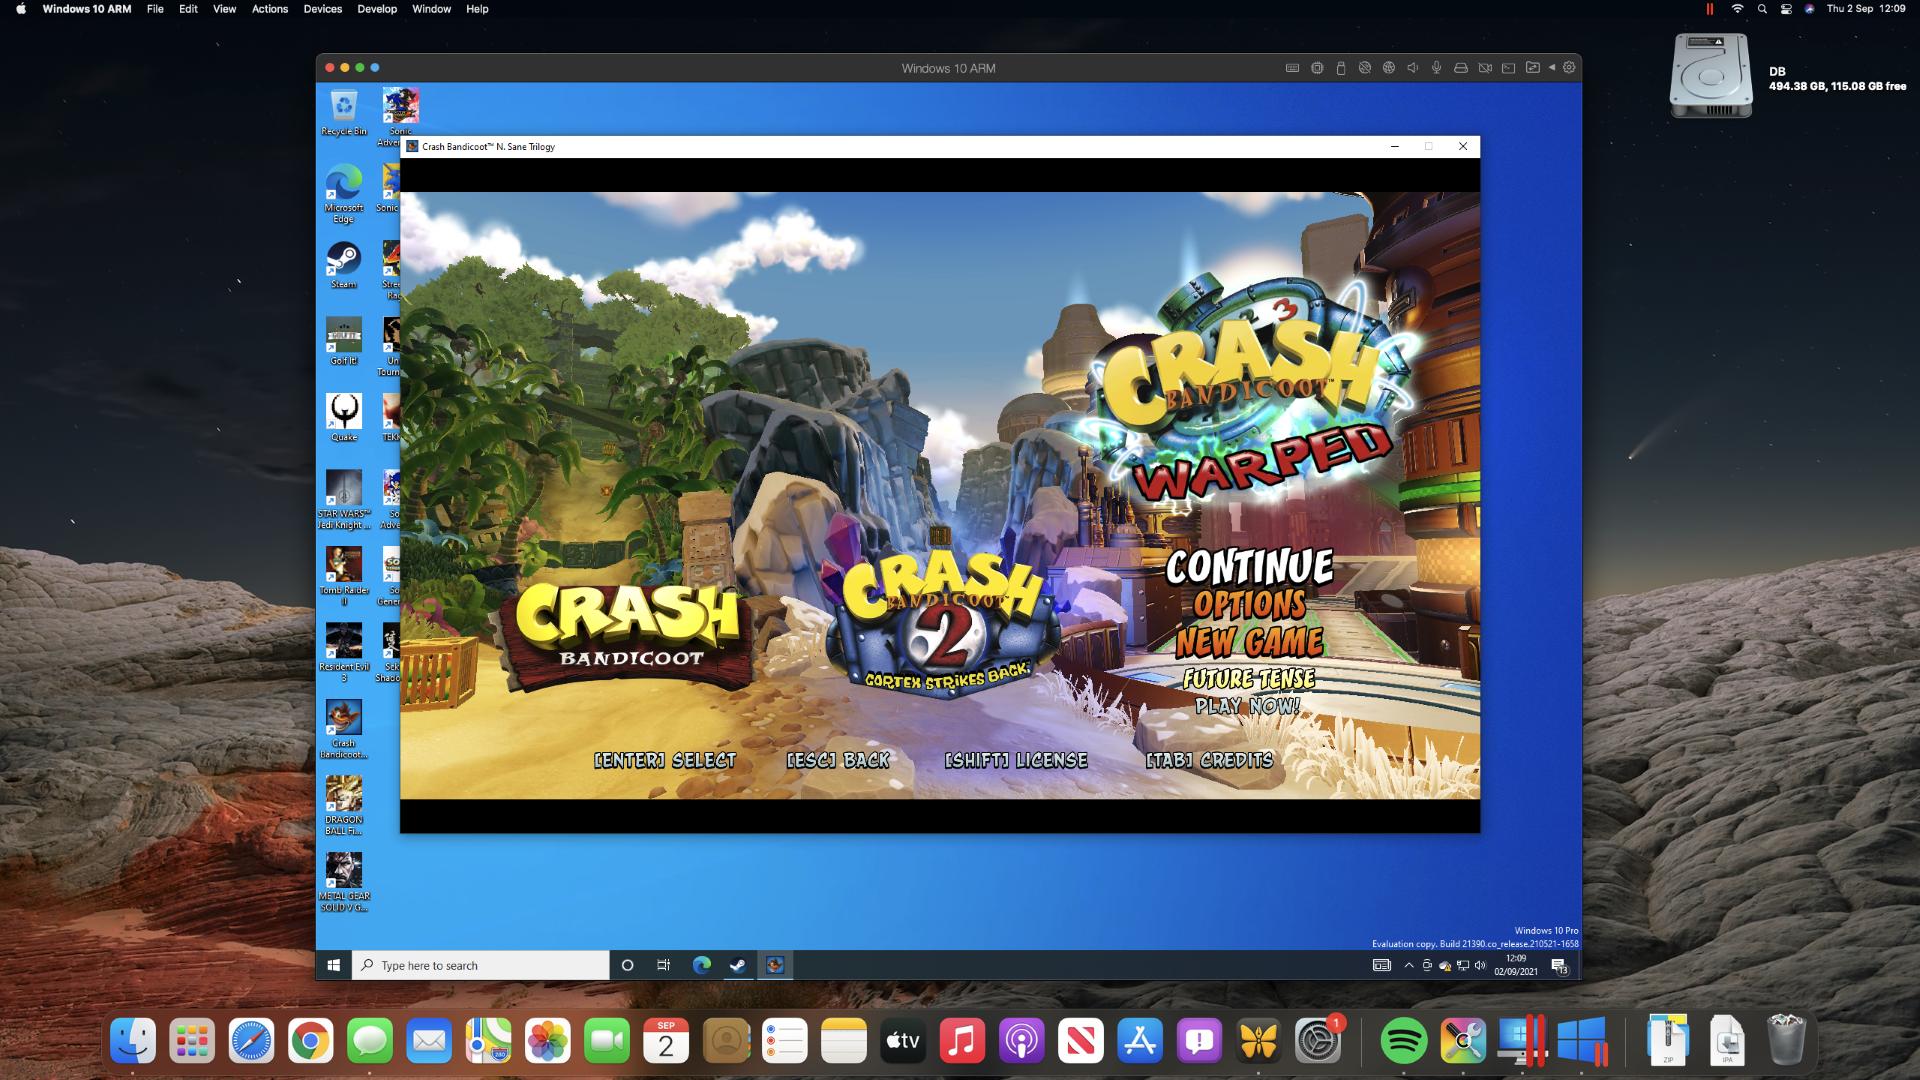 Crash Bandicoot: N. Sane Trilogy on an M1 Mac mini through Steam